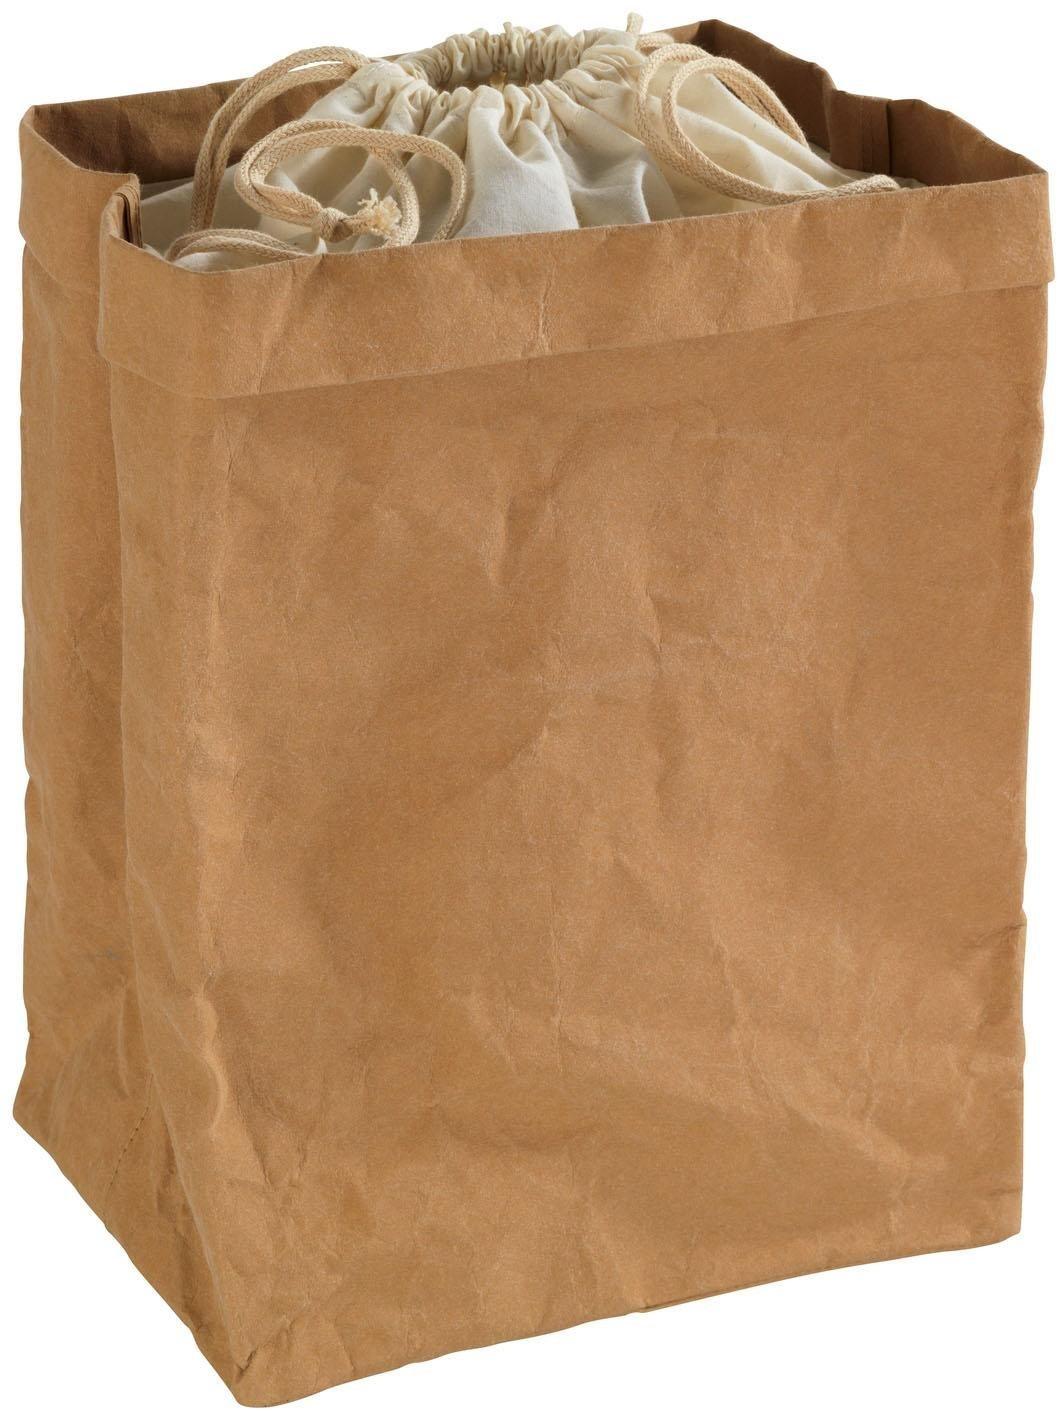 Aufbewahrungstüte aus Papier mit Stoffbeutel, für die lichtgeschützte/atmungsaktive Lagerung